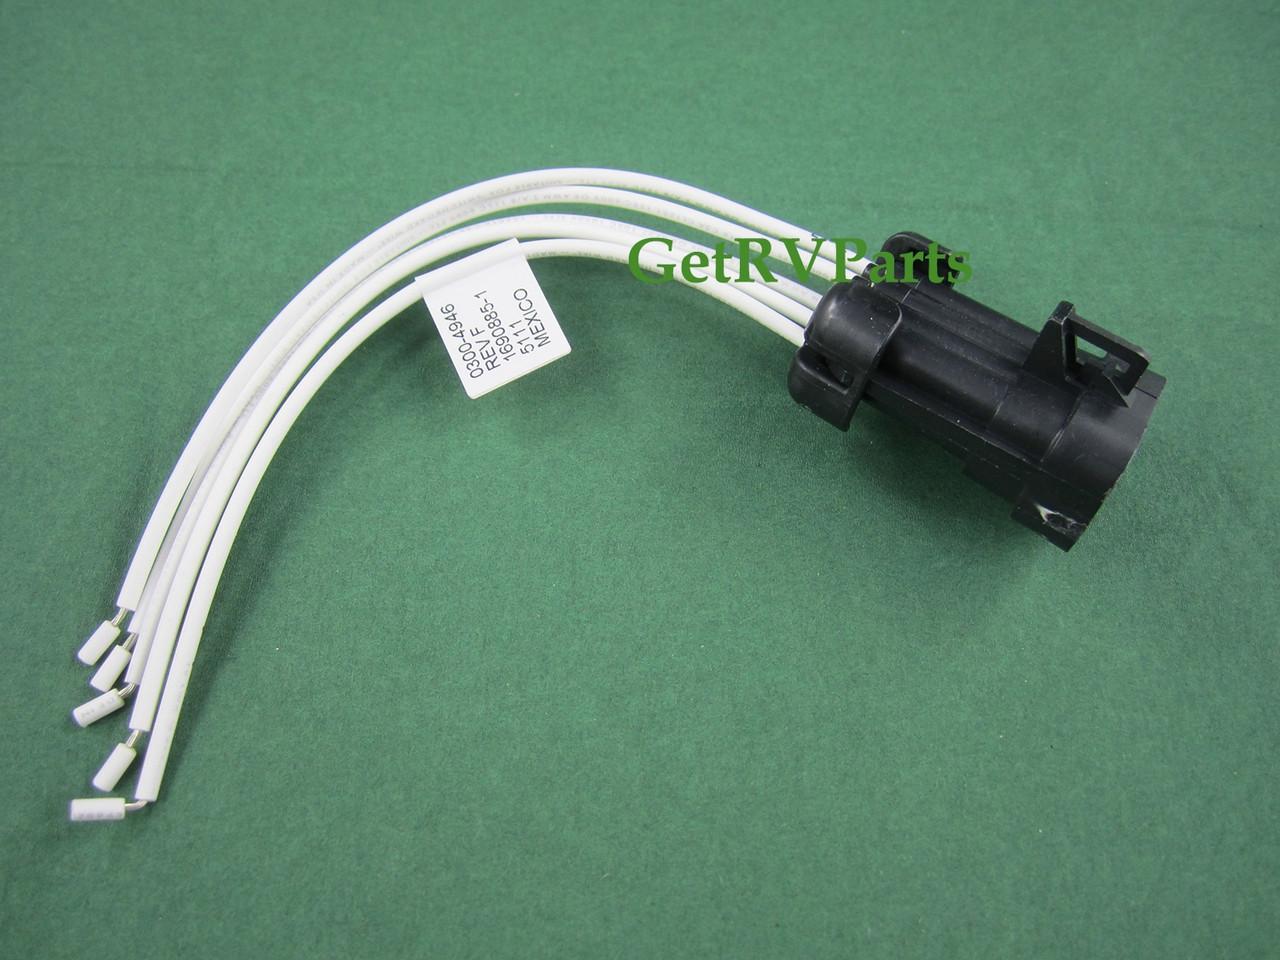 Onan Generator Wiring Diagram On Onan Generator Remote Start Wiring